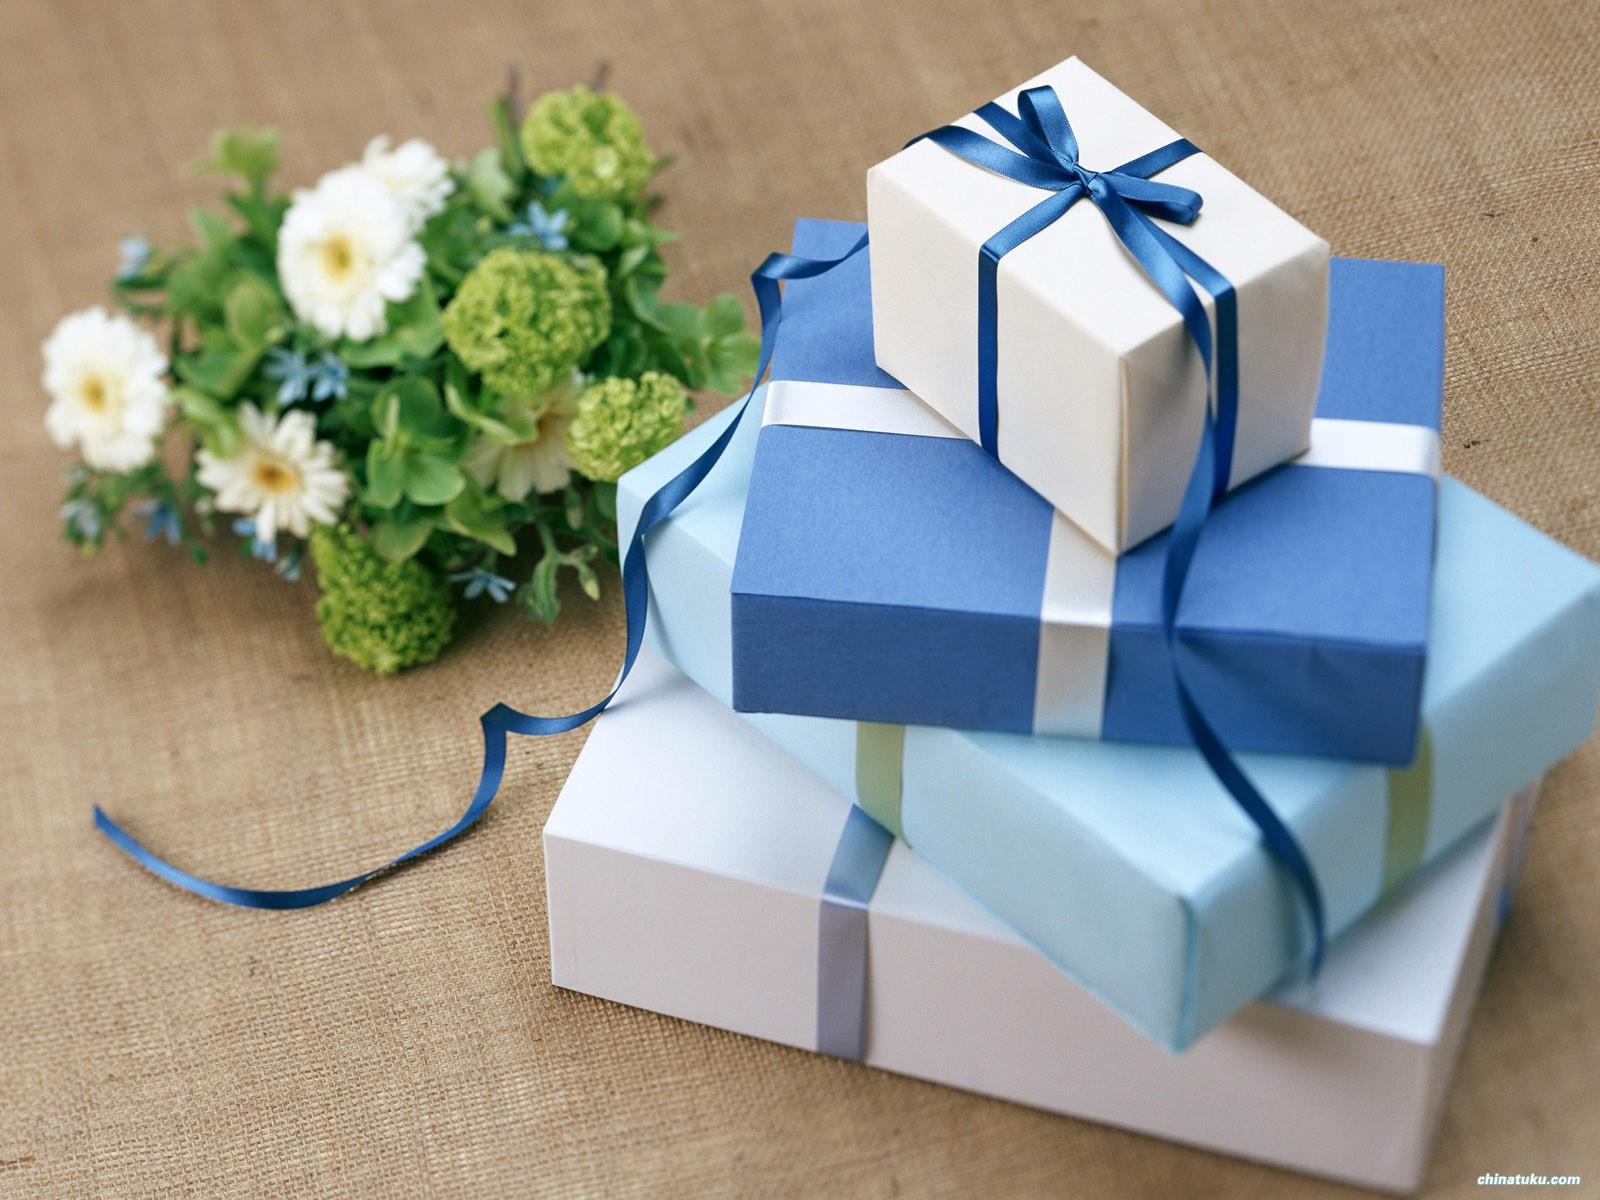 Cách chọn mua quà sinh nhật cho chồng thật ý nghĩa